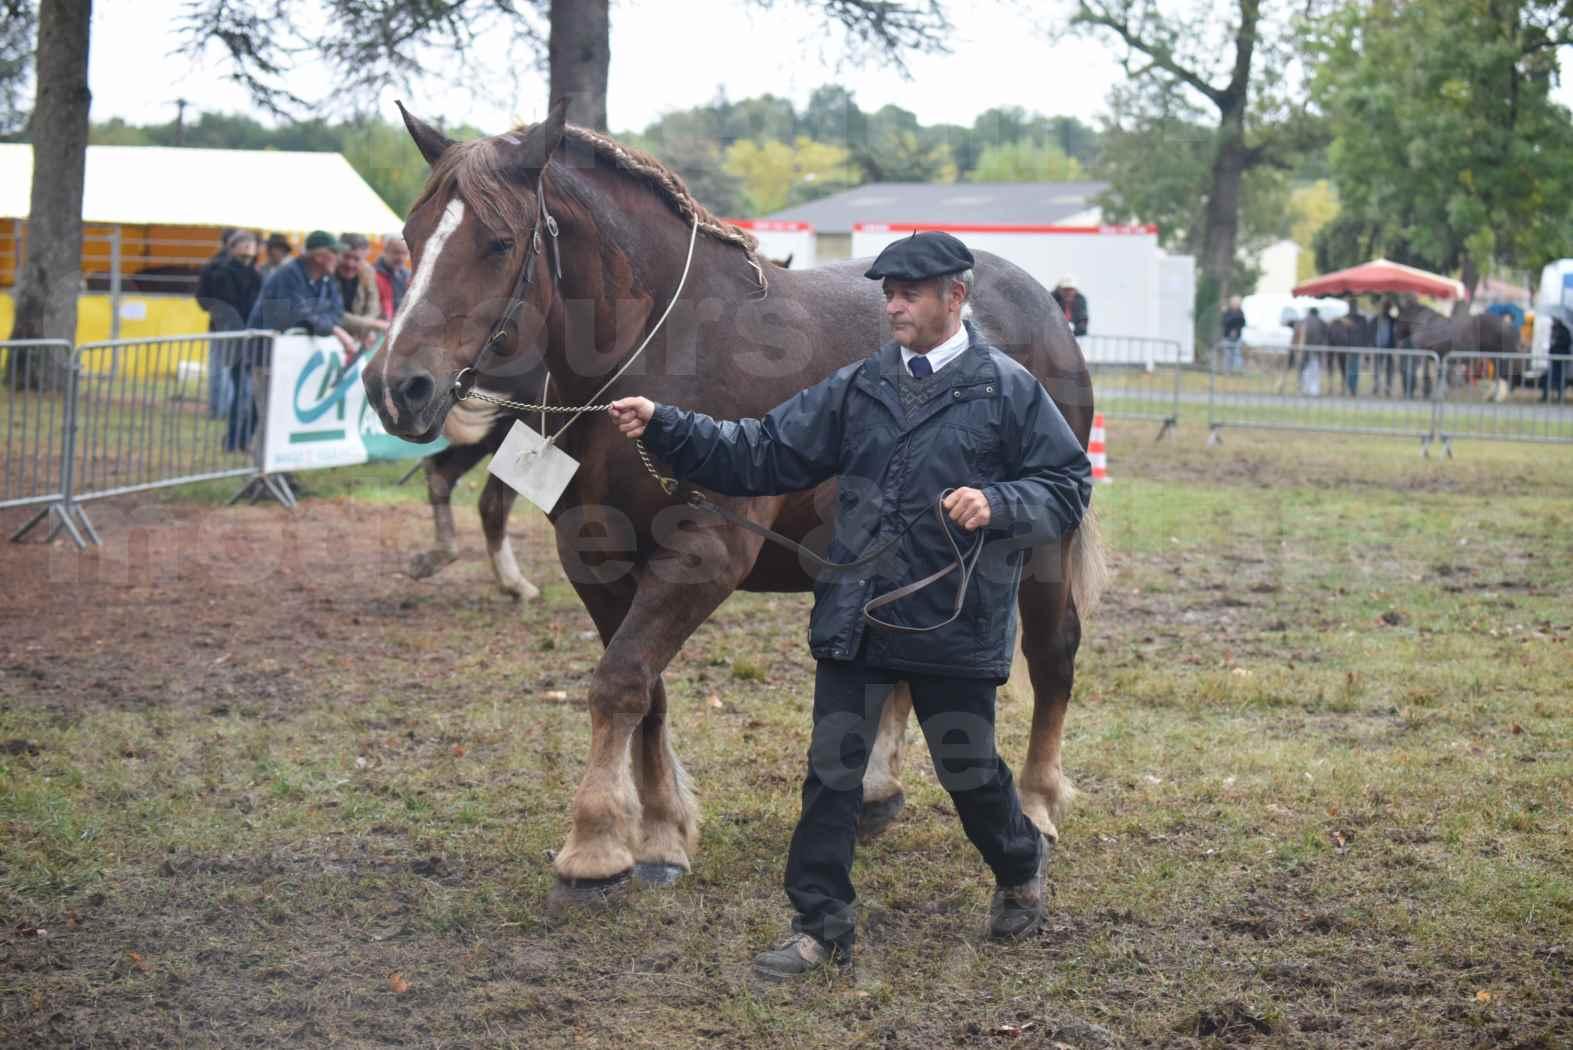 Concours Régional de chevaux de traits en 2017 - Jument Suitée - Trait BRETON - URIELLE DE LA MARGUE - 29